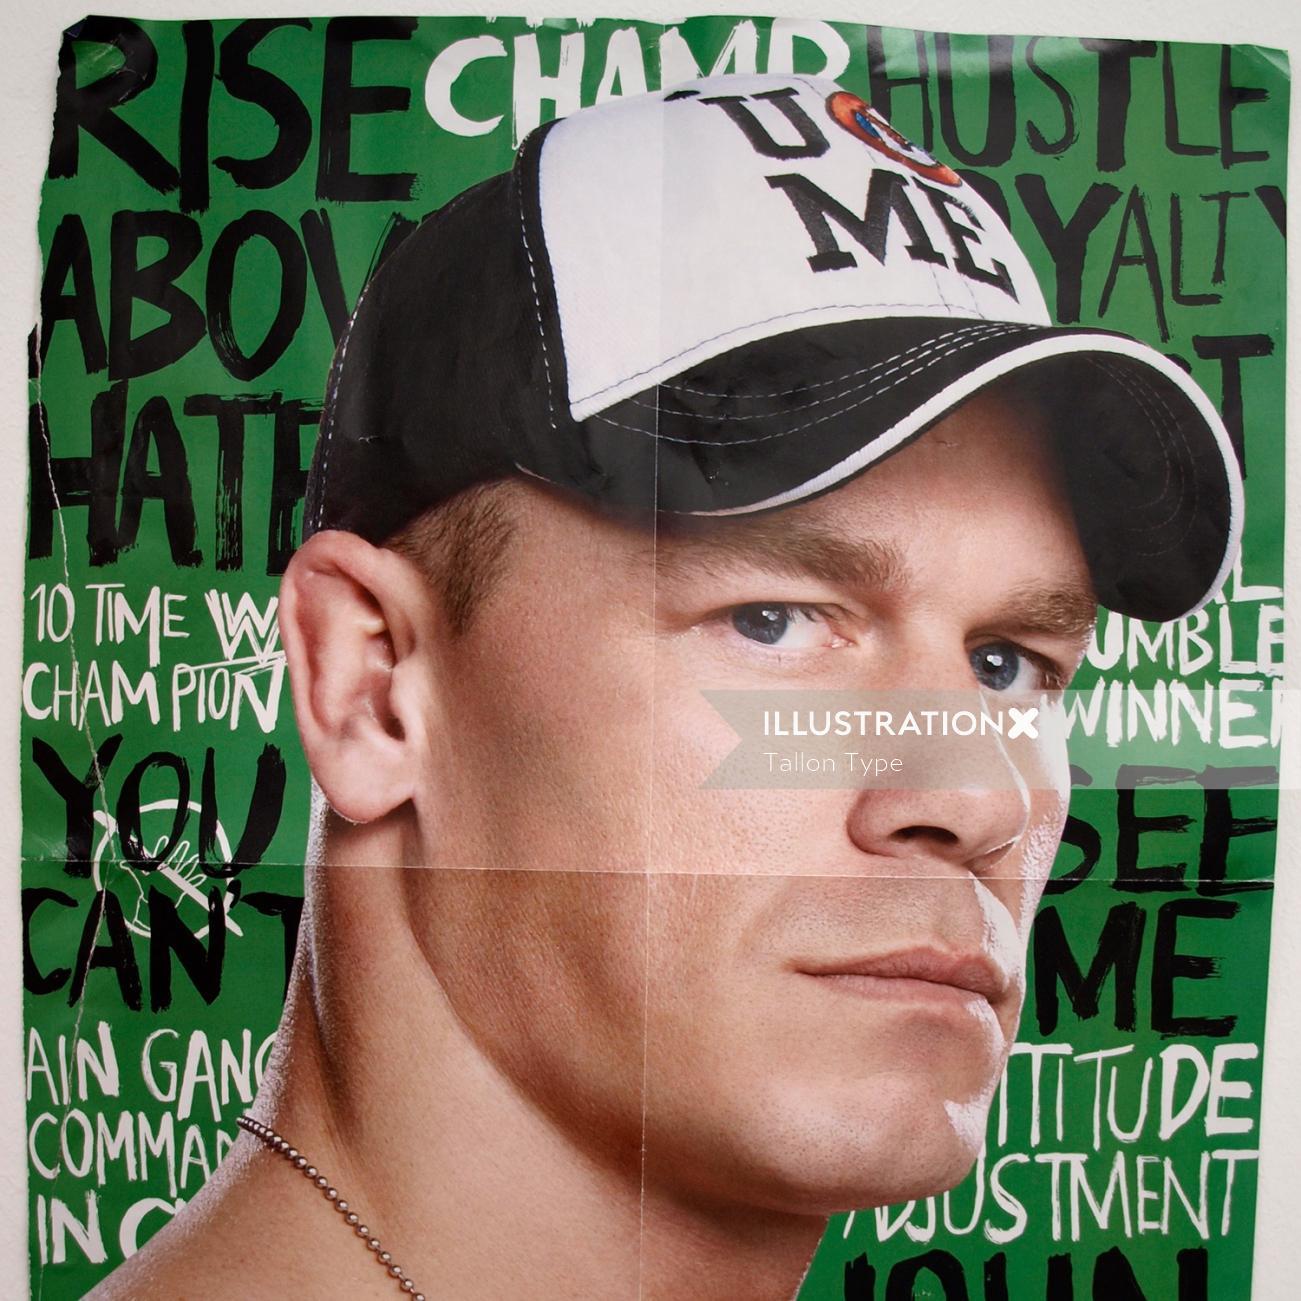 Lettering poster design for wwe Superstar John Cena